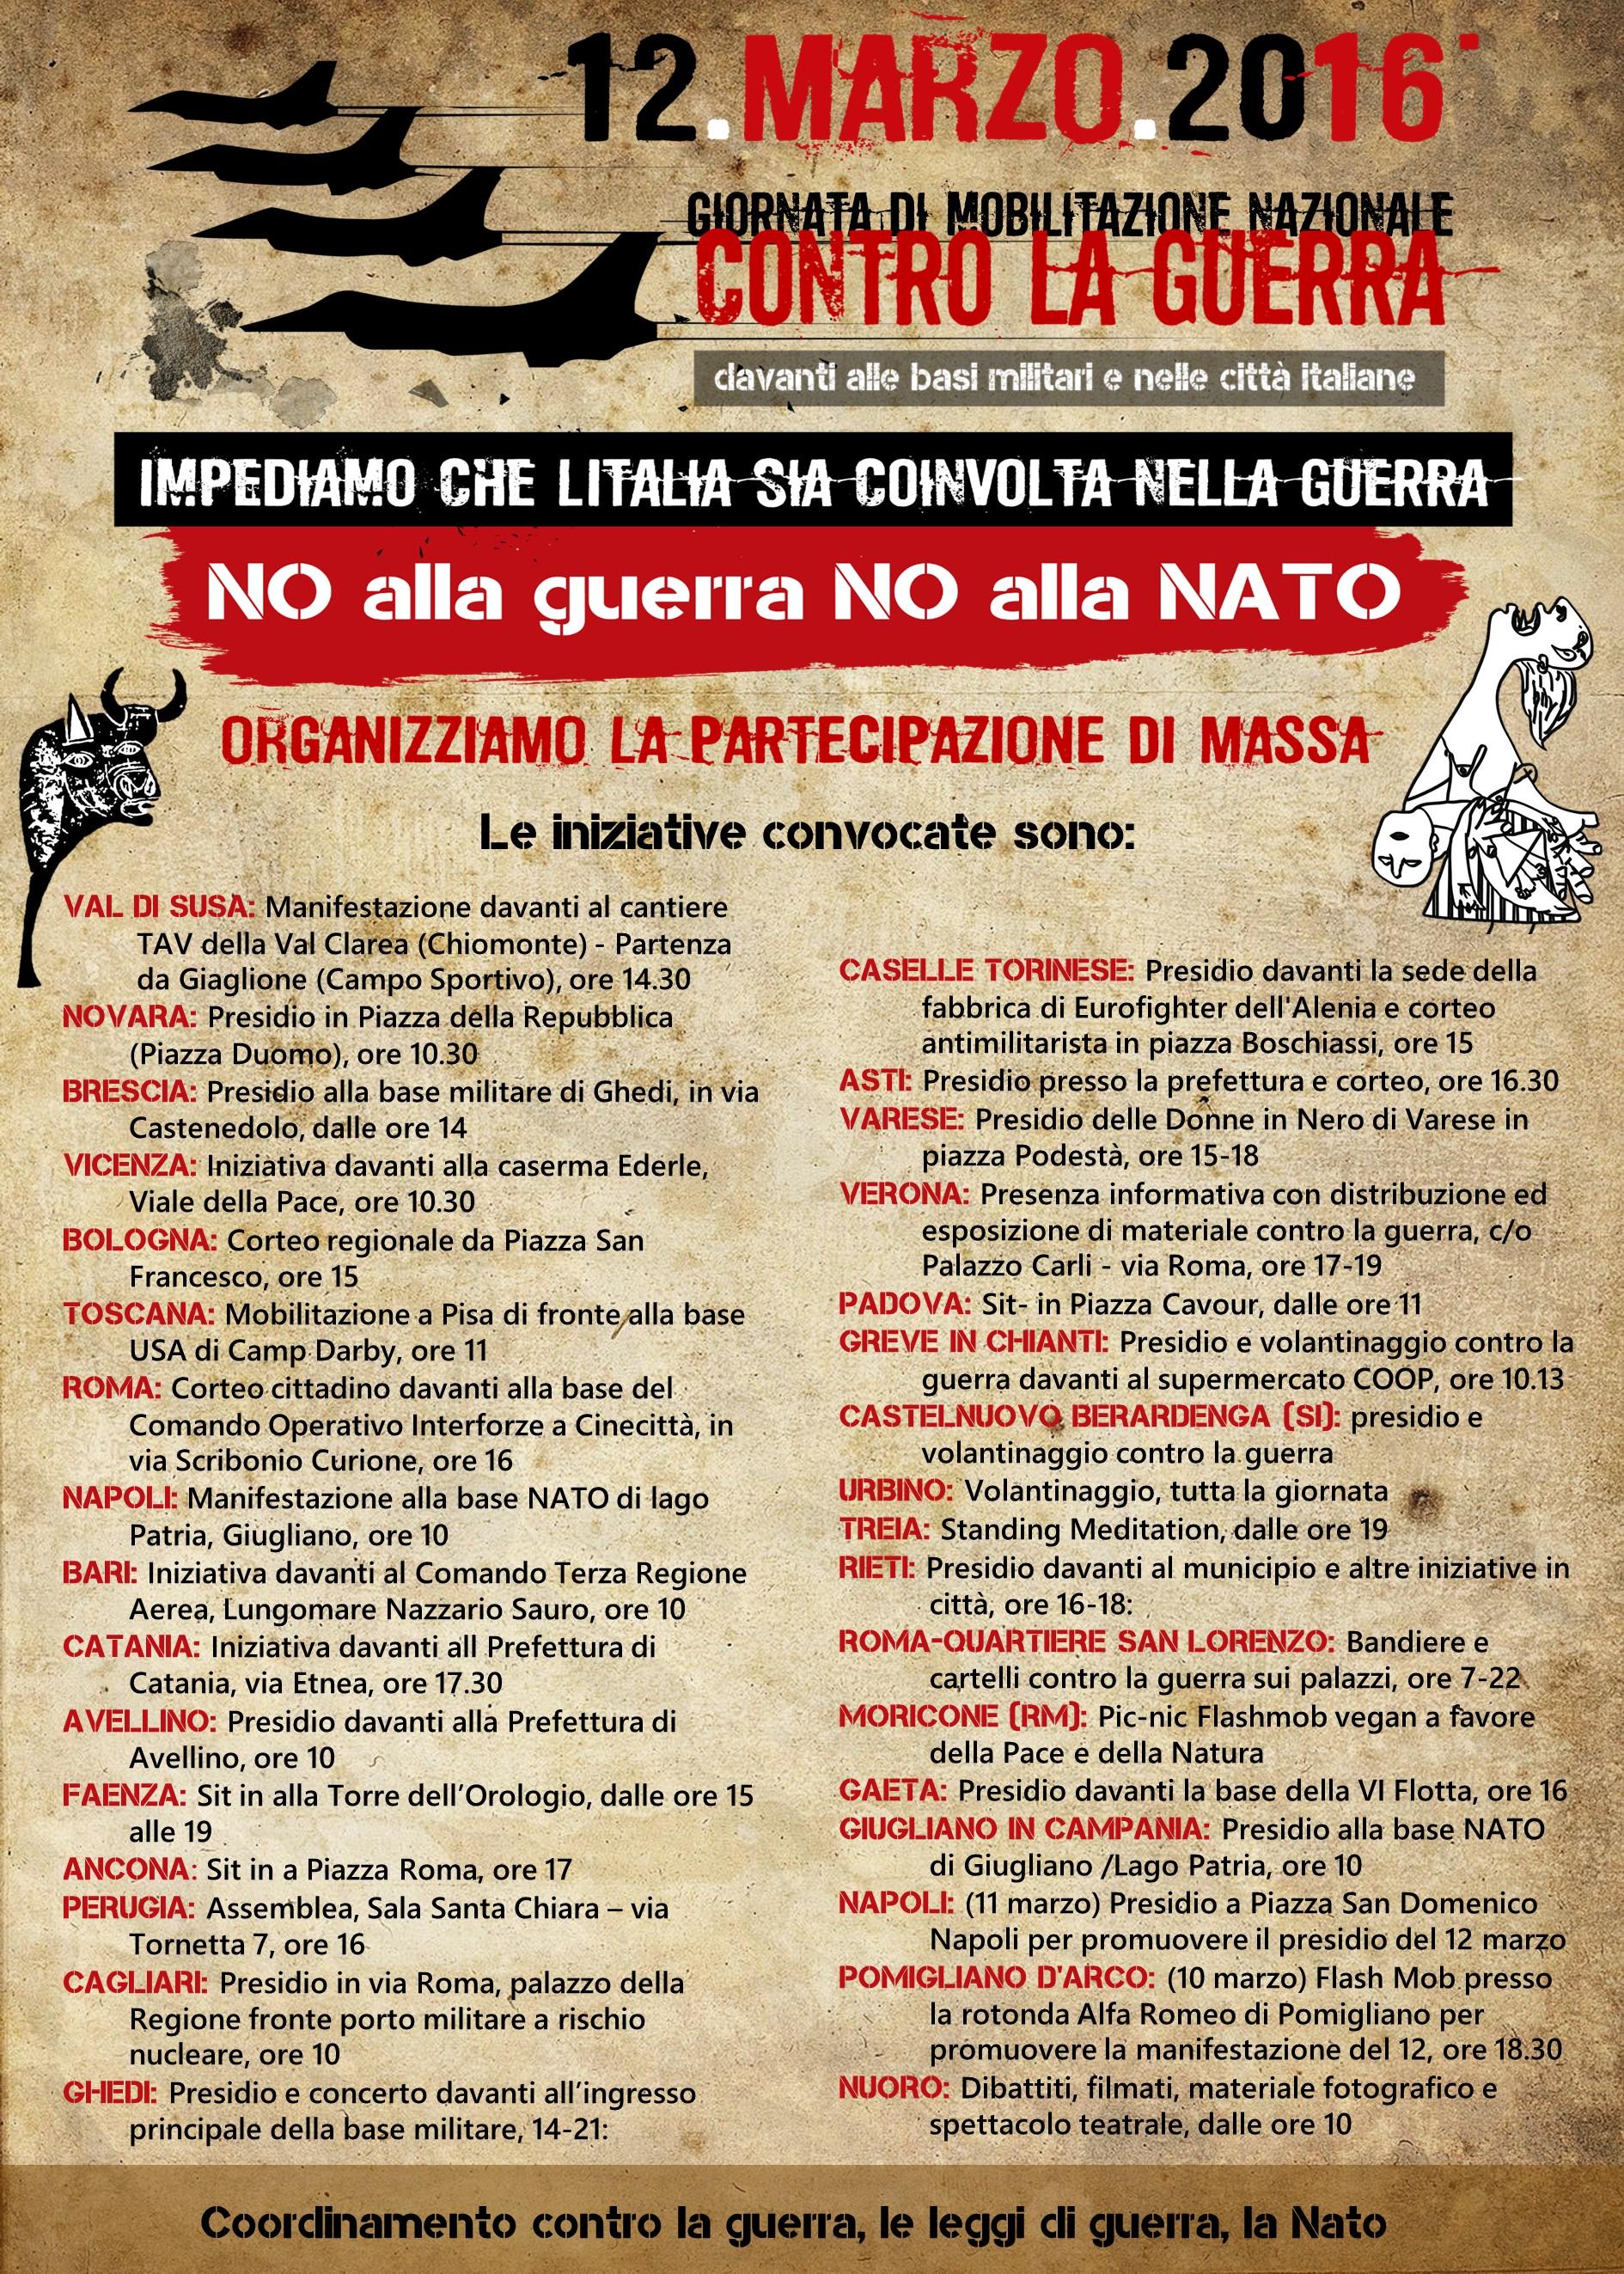 Sabato 12 Marzo in tutt'Italia mobilitazioni contro la guerra e contro la NATO